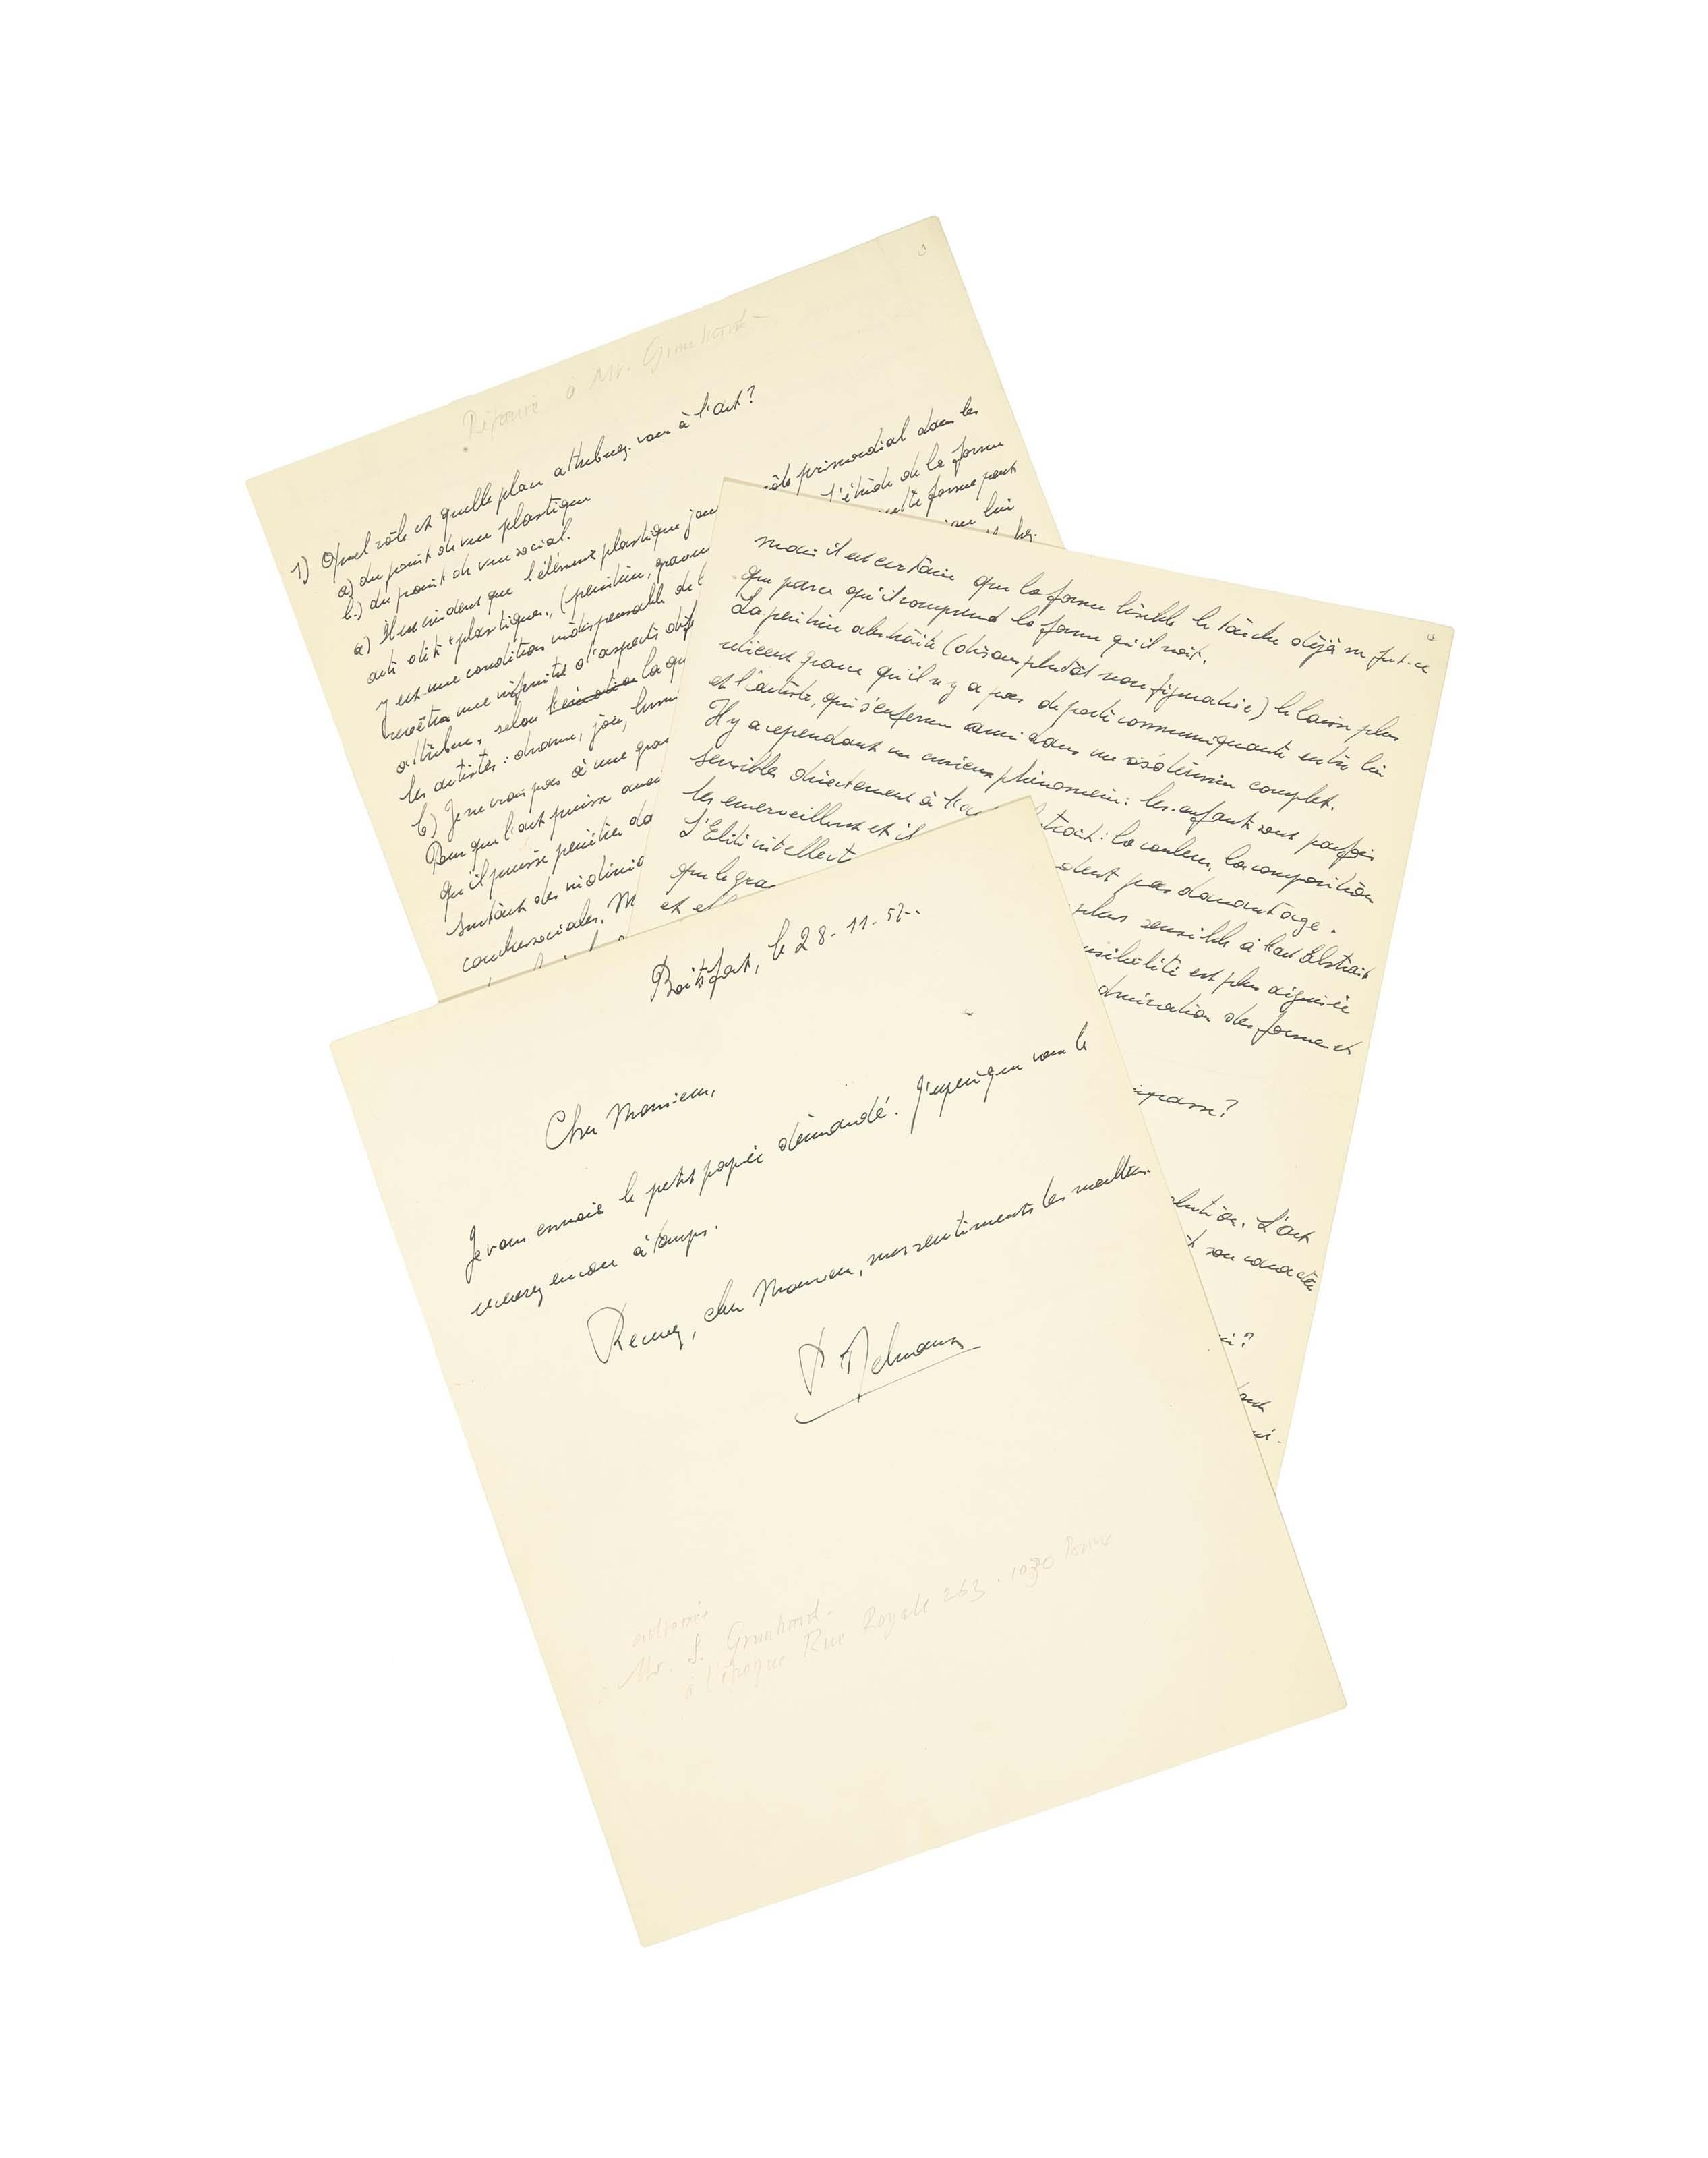 """DELVAUX, Paul (1897-1994). Manuscrit autographe signé """"P. Delvaux"""". 3¼ pages in-4 (270 x 210mm); avec une lettre autographe signée, 28 novembre 1952. """" Je vous envoie le petit papier démandé"""". Une page in-4."""